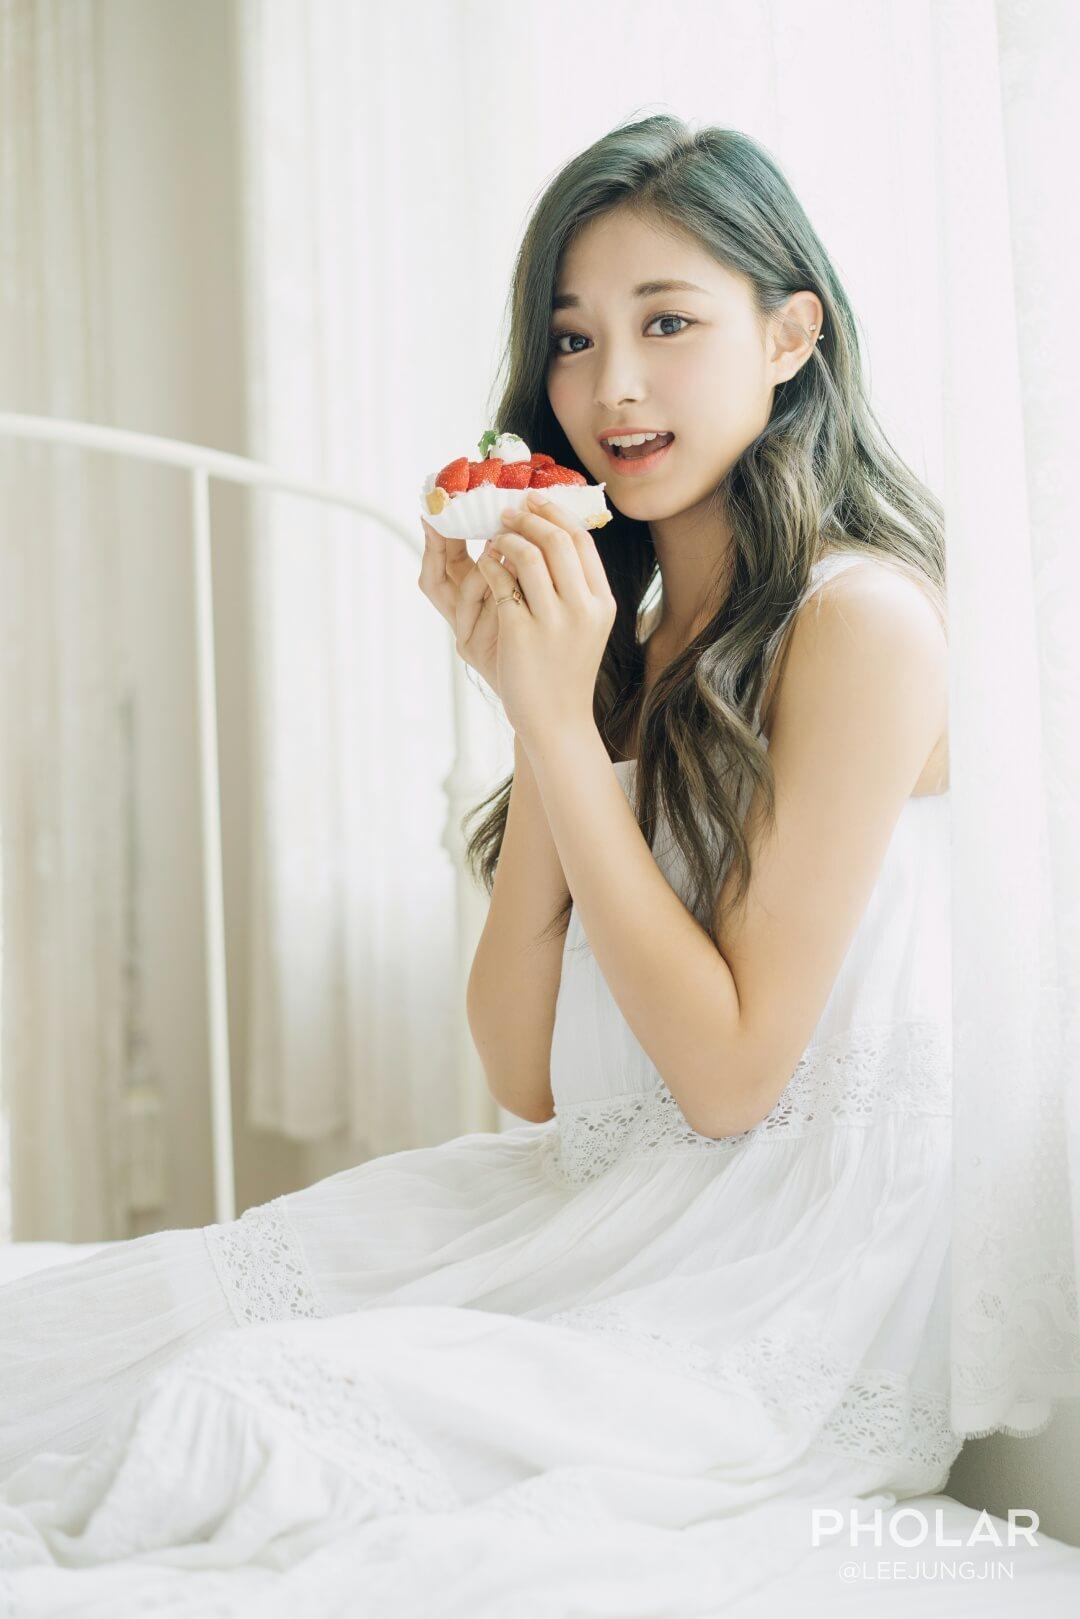 聽說最近有許多韓國歐爸,因為子瑜的關係,覺得台灣女生好像都很美(笑)甚至也有韓國男生因此想要交個台灣人女友的說法XD